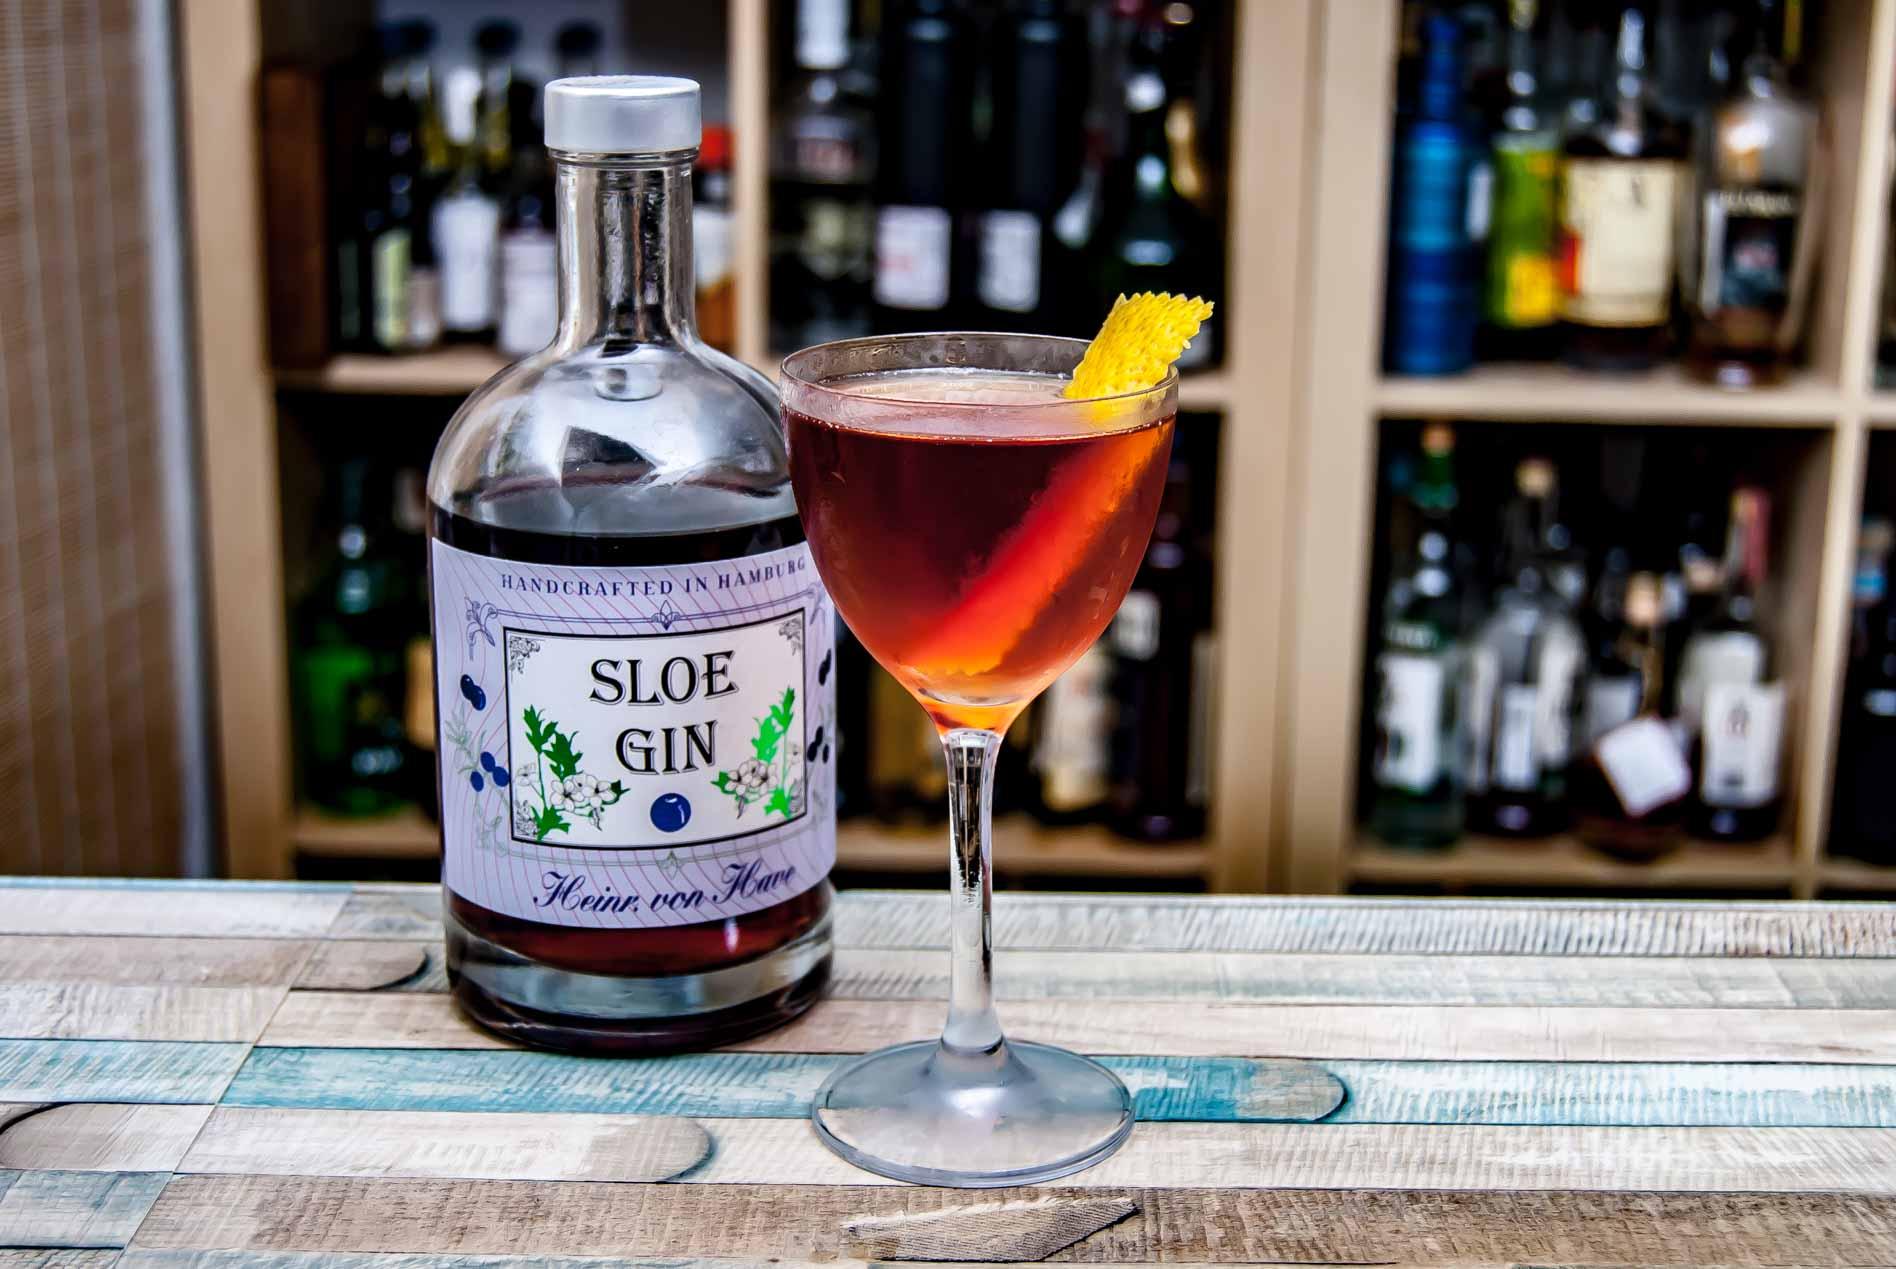 Heinrich von Have Sloe Gin in einem Savoy Tango mit gleichen Teilen Sloe Gin und Calvados.